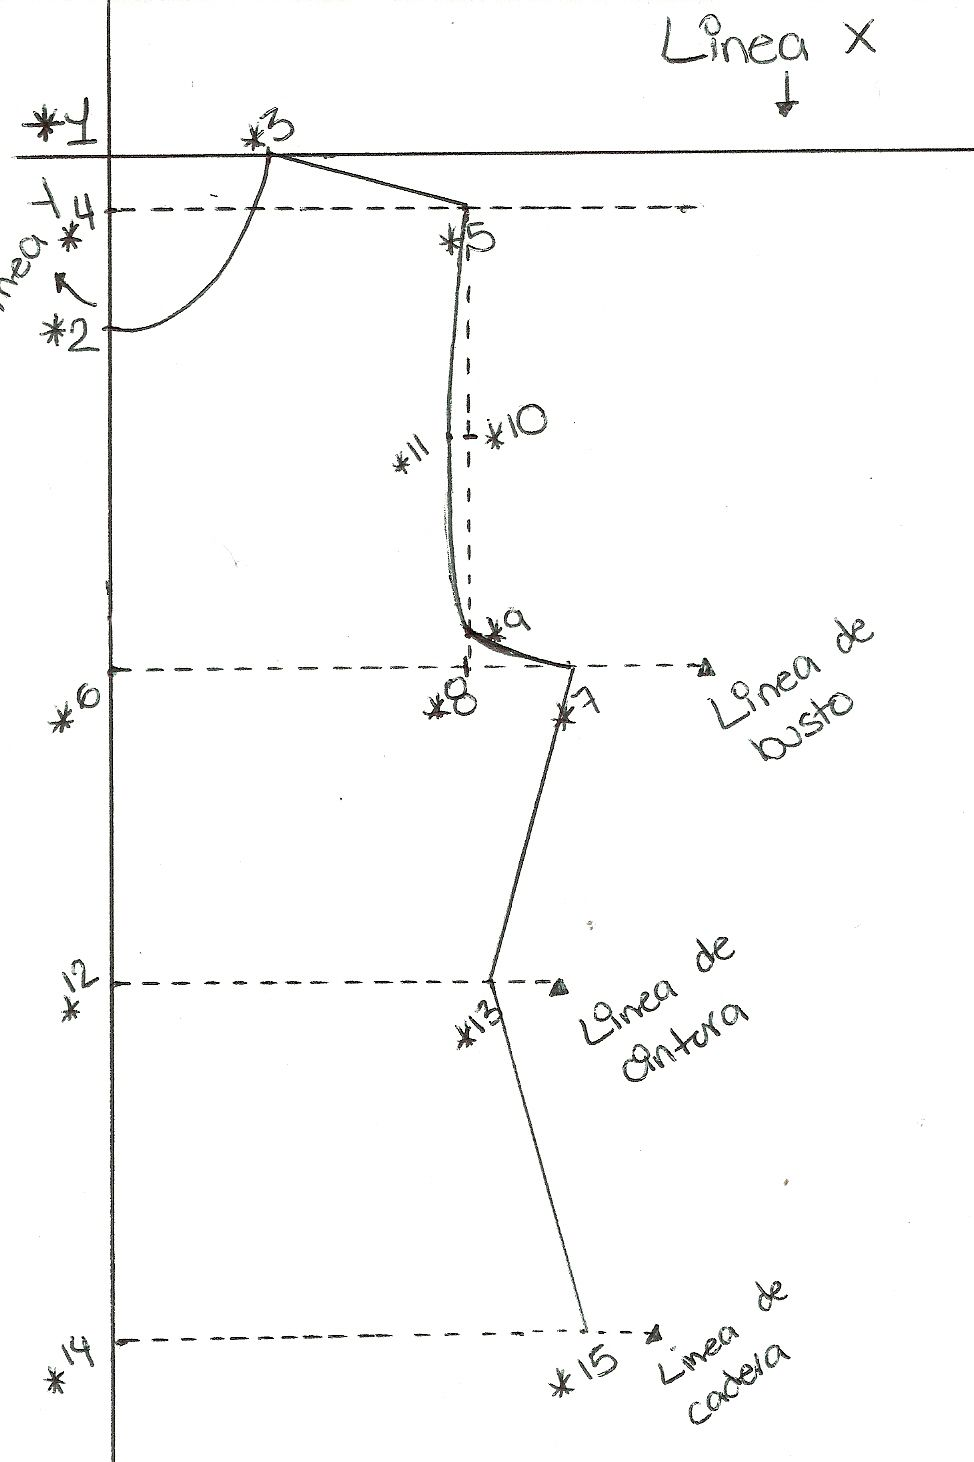 EL RINCON DE LA COSTURA: Trazar patron base de blusa | PATRONES DE ...